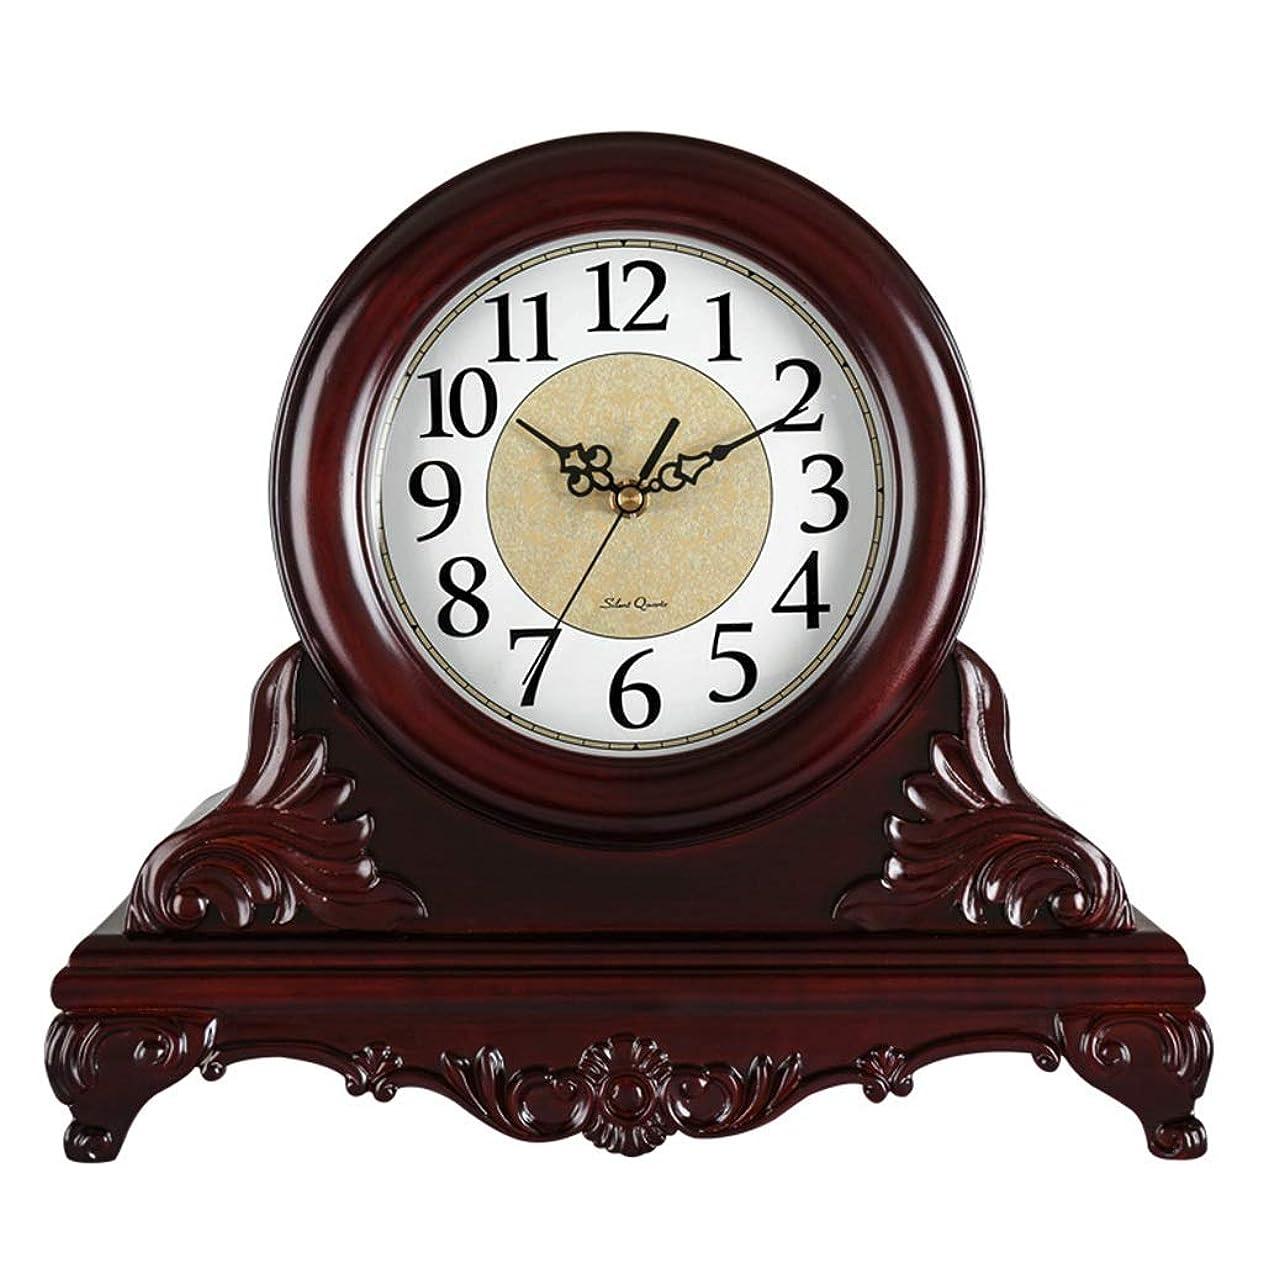 反映する休み巨大WFL クロック リビングルームの寝室のインテリアのためのテーブル時計ヴィンテージデスククロック電池動作非クォーツ時計 最新の (Color : B)